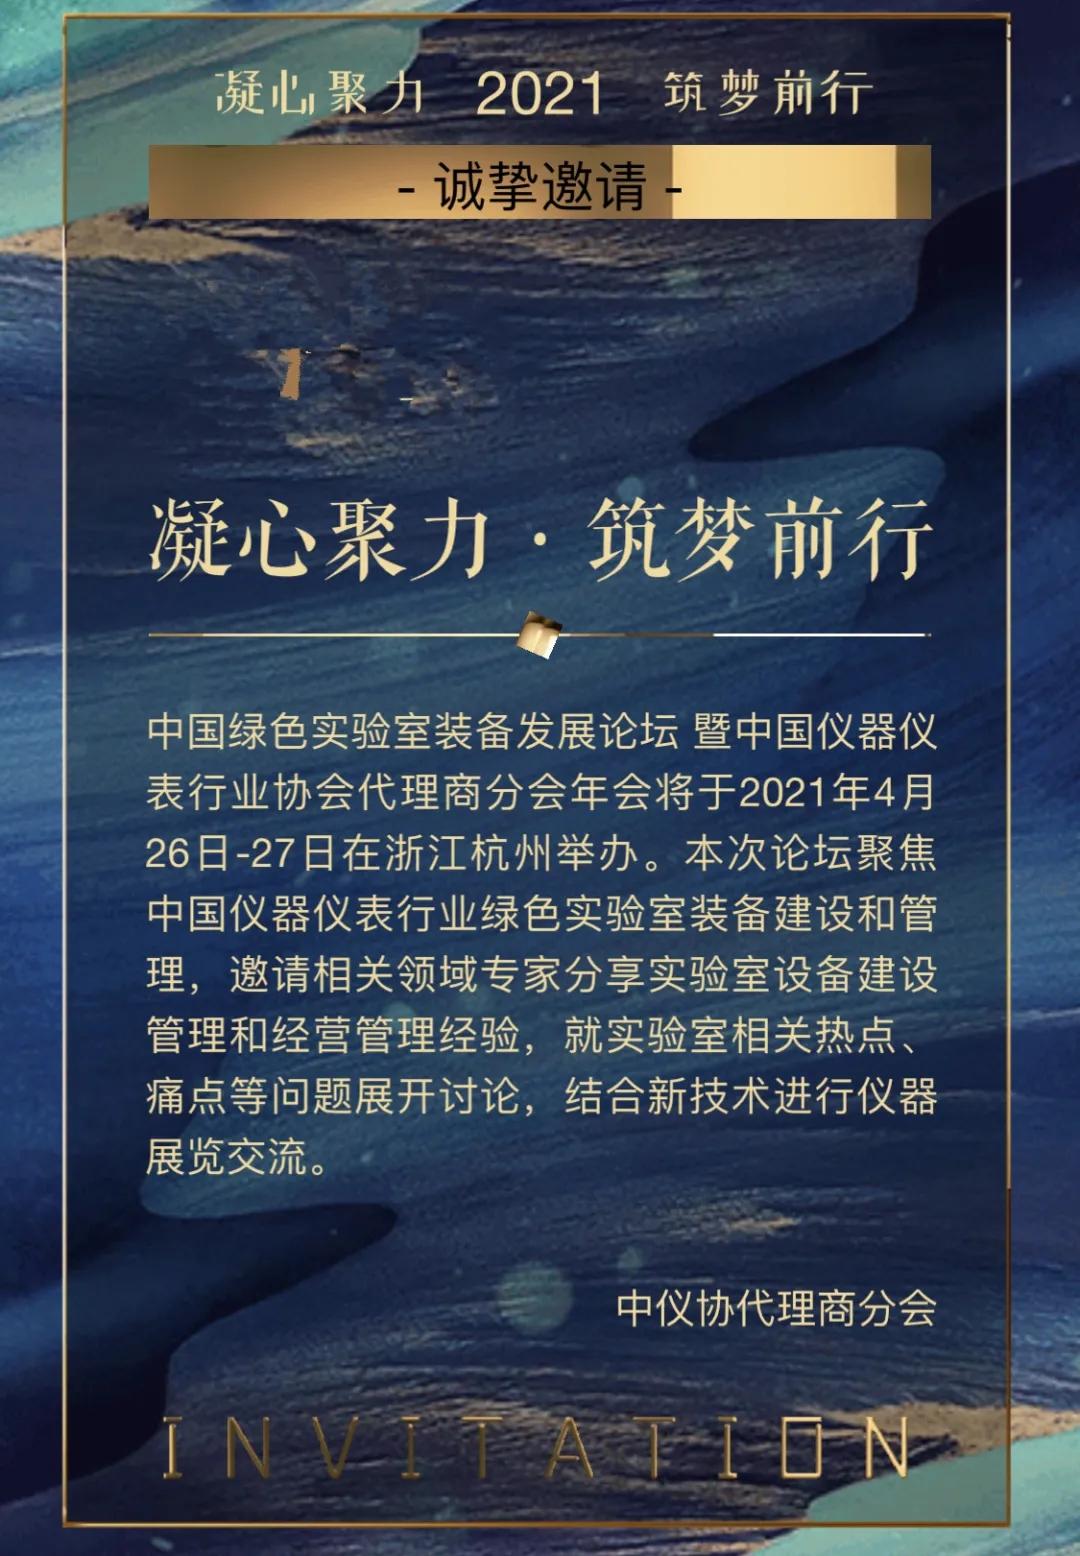 中国绿色实验室装备发展论坛.webp.jpg